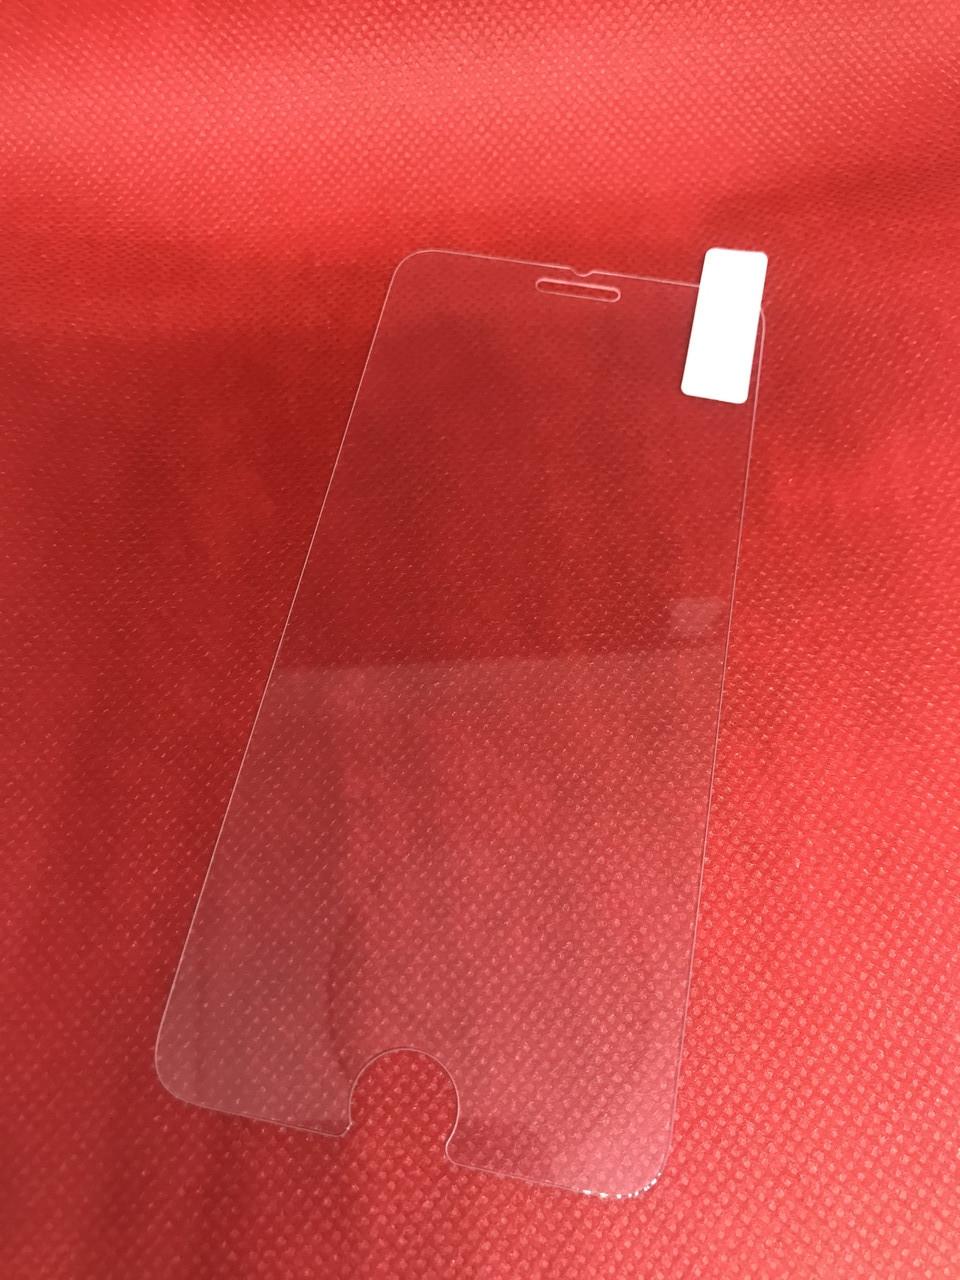 Защитное стекло Apple Iphone 6S Full Glue 2,5D 3D неполное покрытие полный клей прозрачное